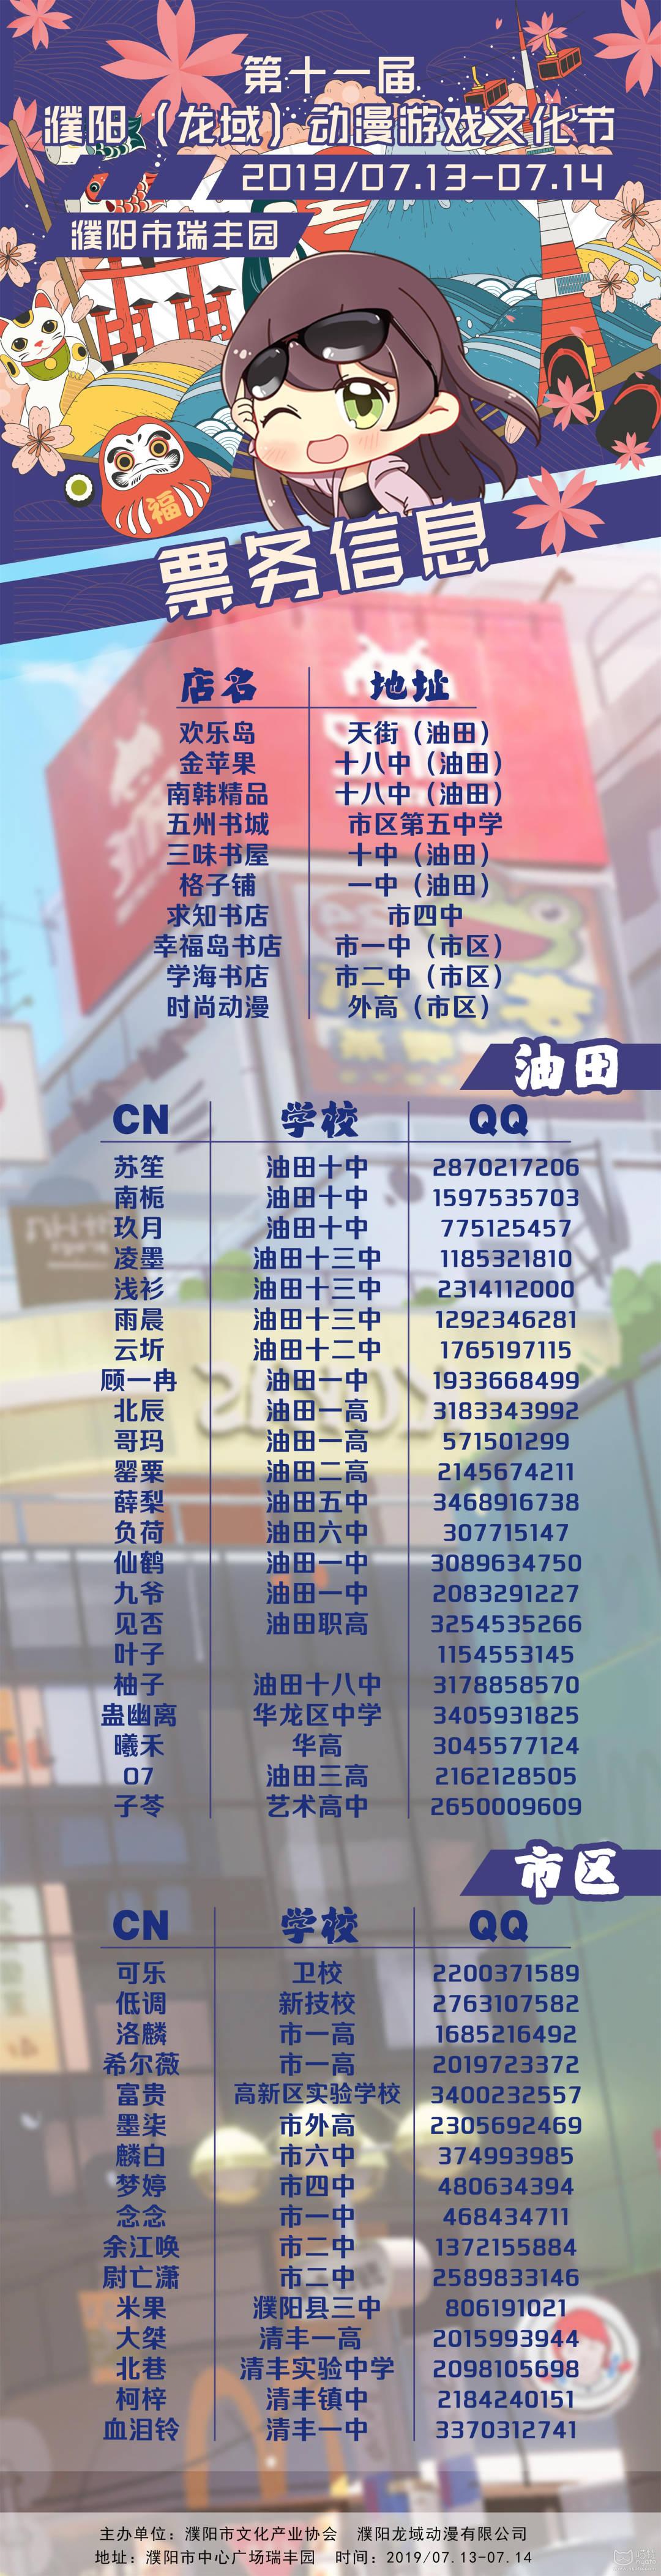 9【喵特是最吼的】.jpg